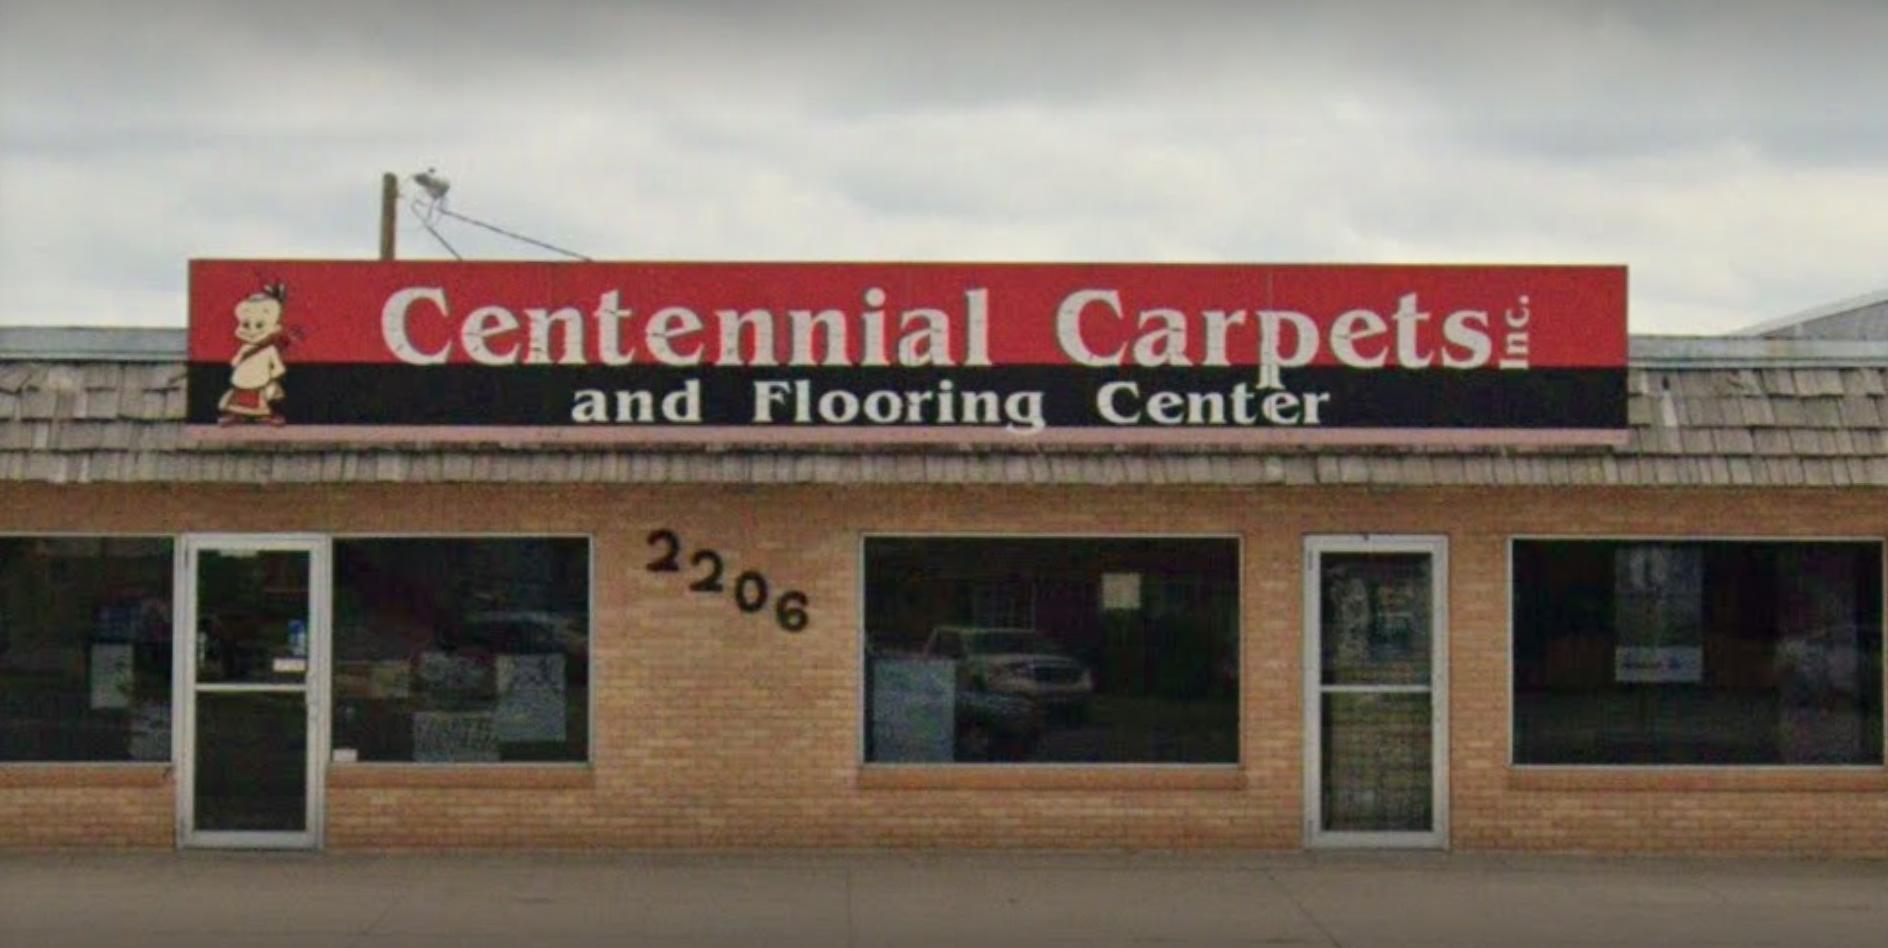 Centennial Flooring - 2206 Vine St Hays, KS 67601